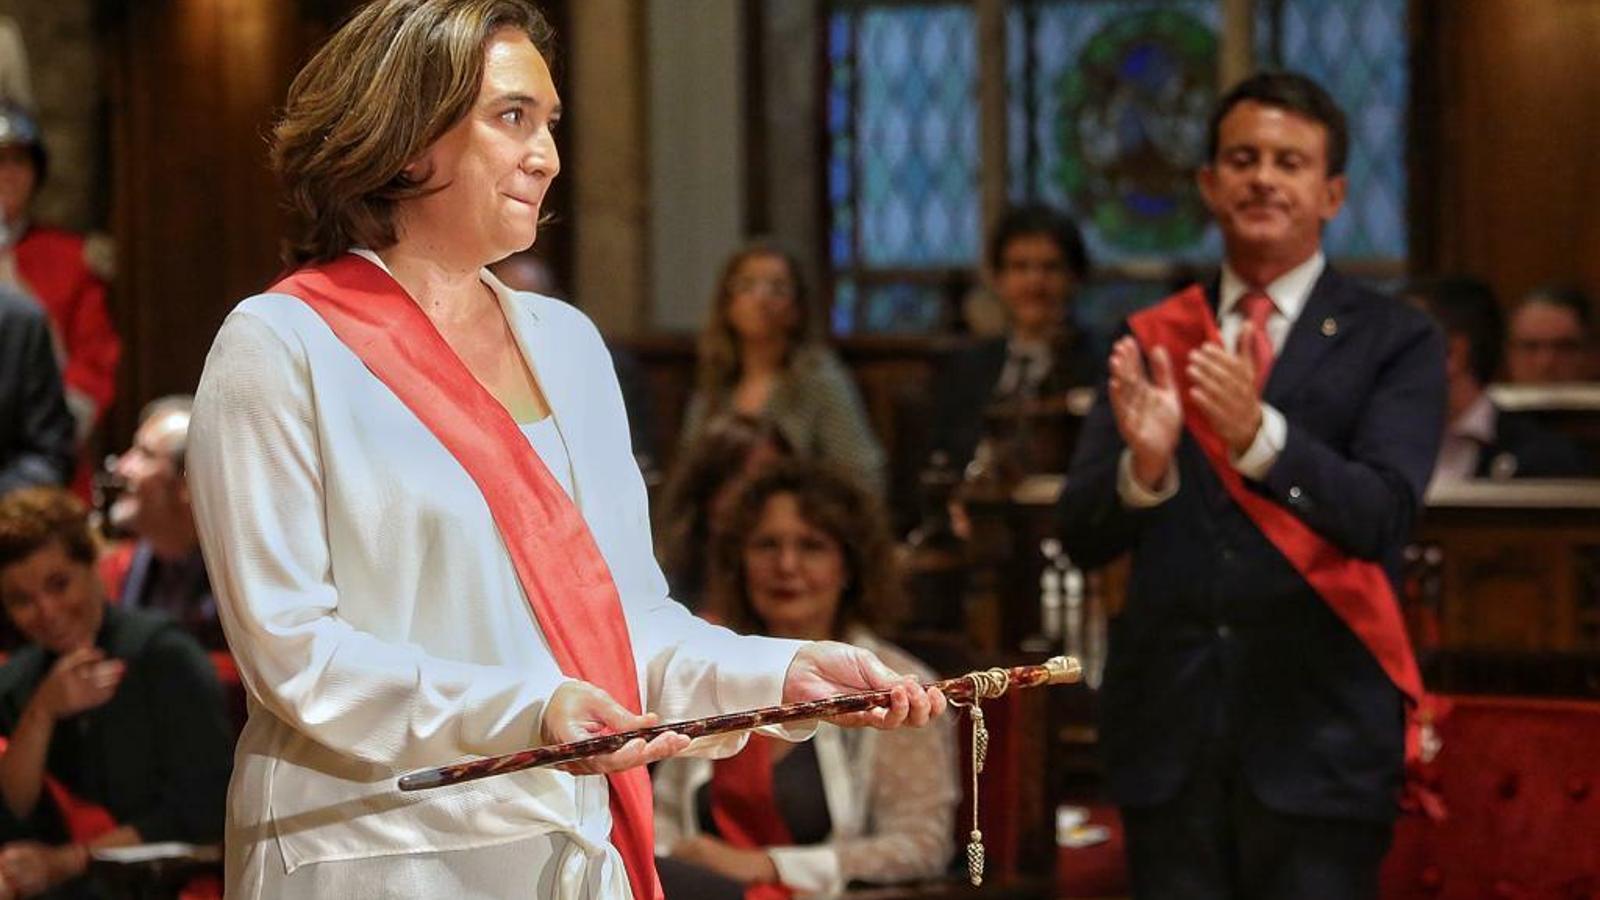 Ada Colau sosté la vara d'alcaldessa mentre Manuel Valls l'aplaudeix al fons